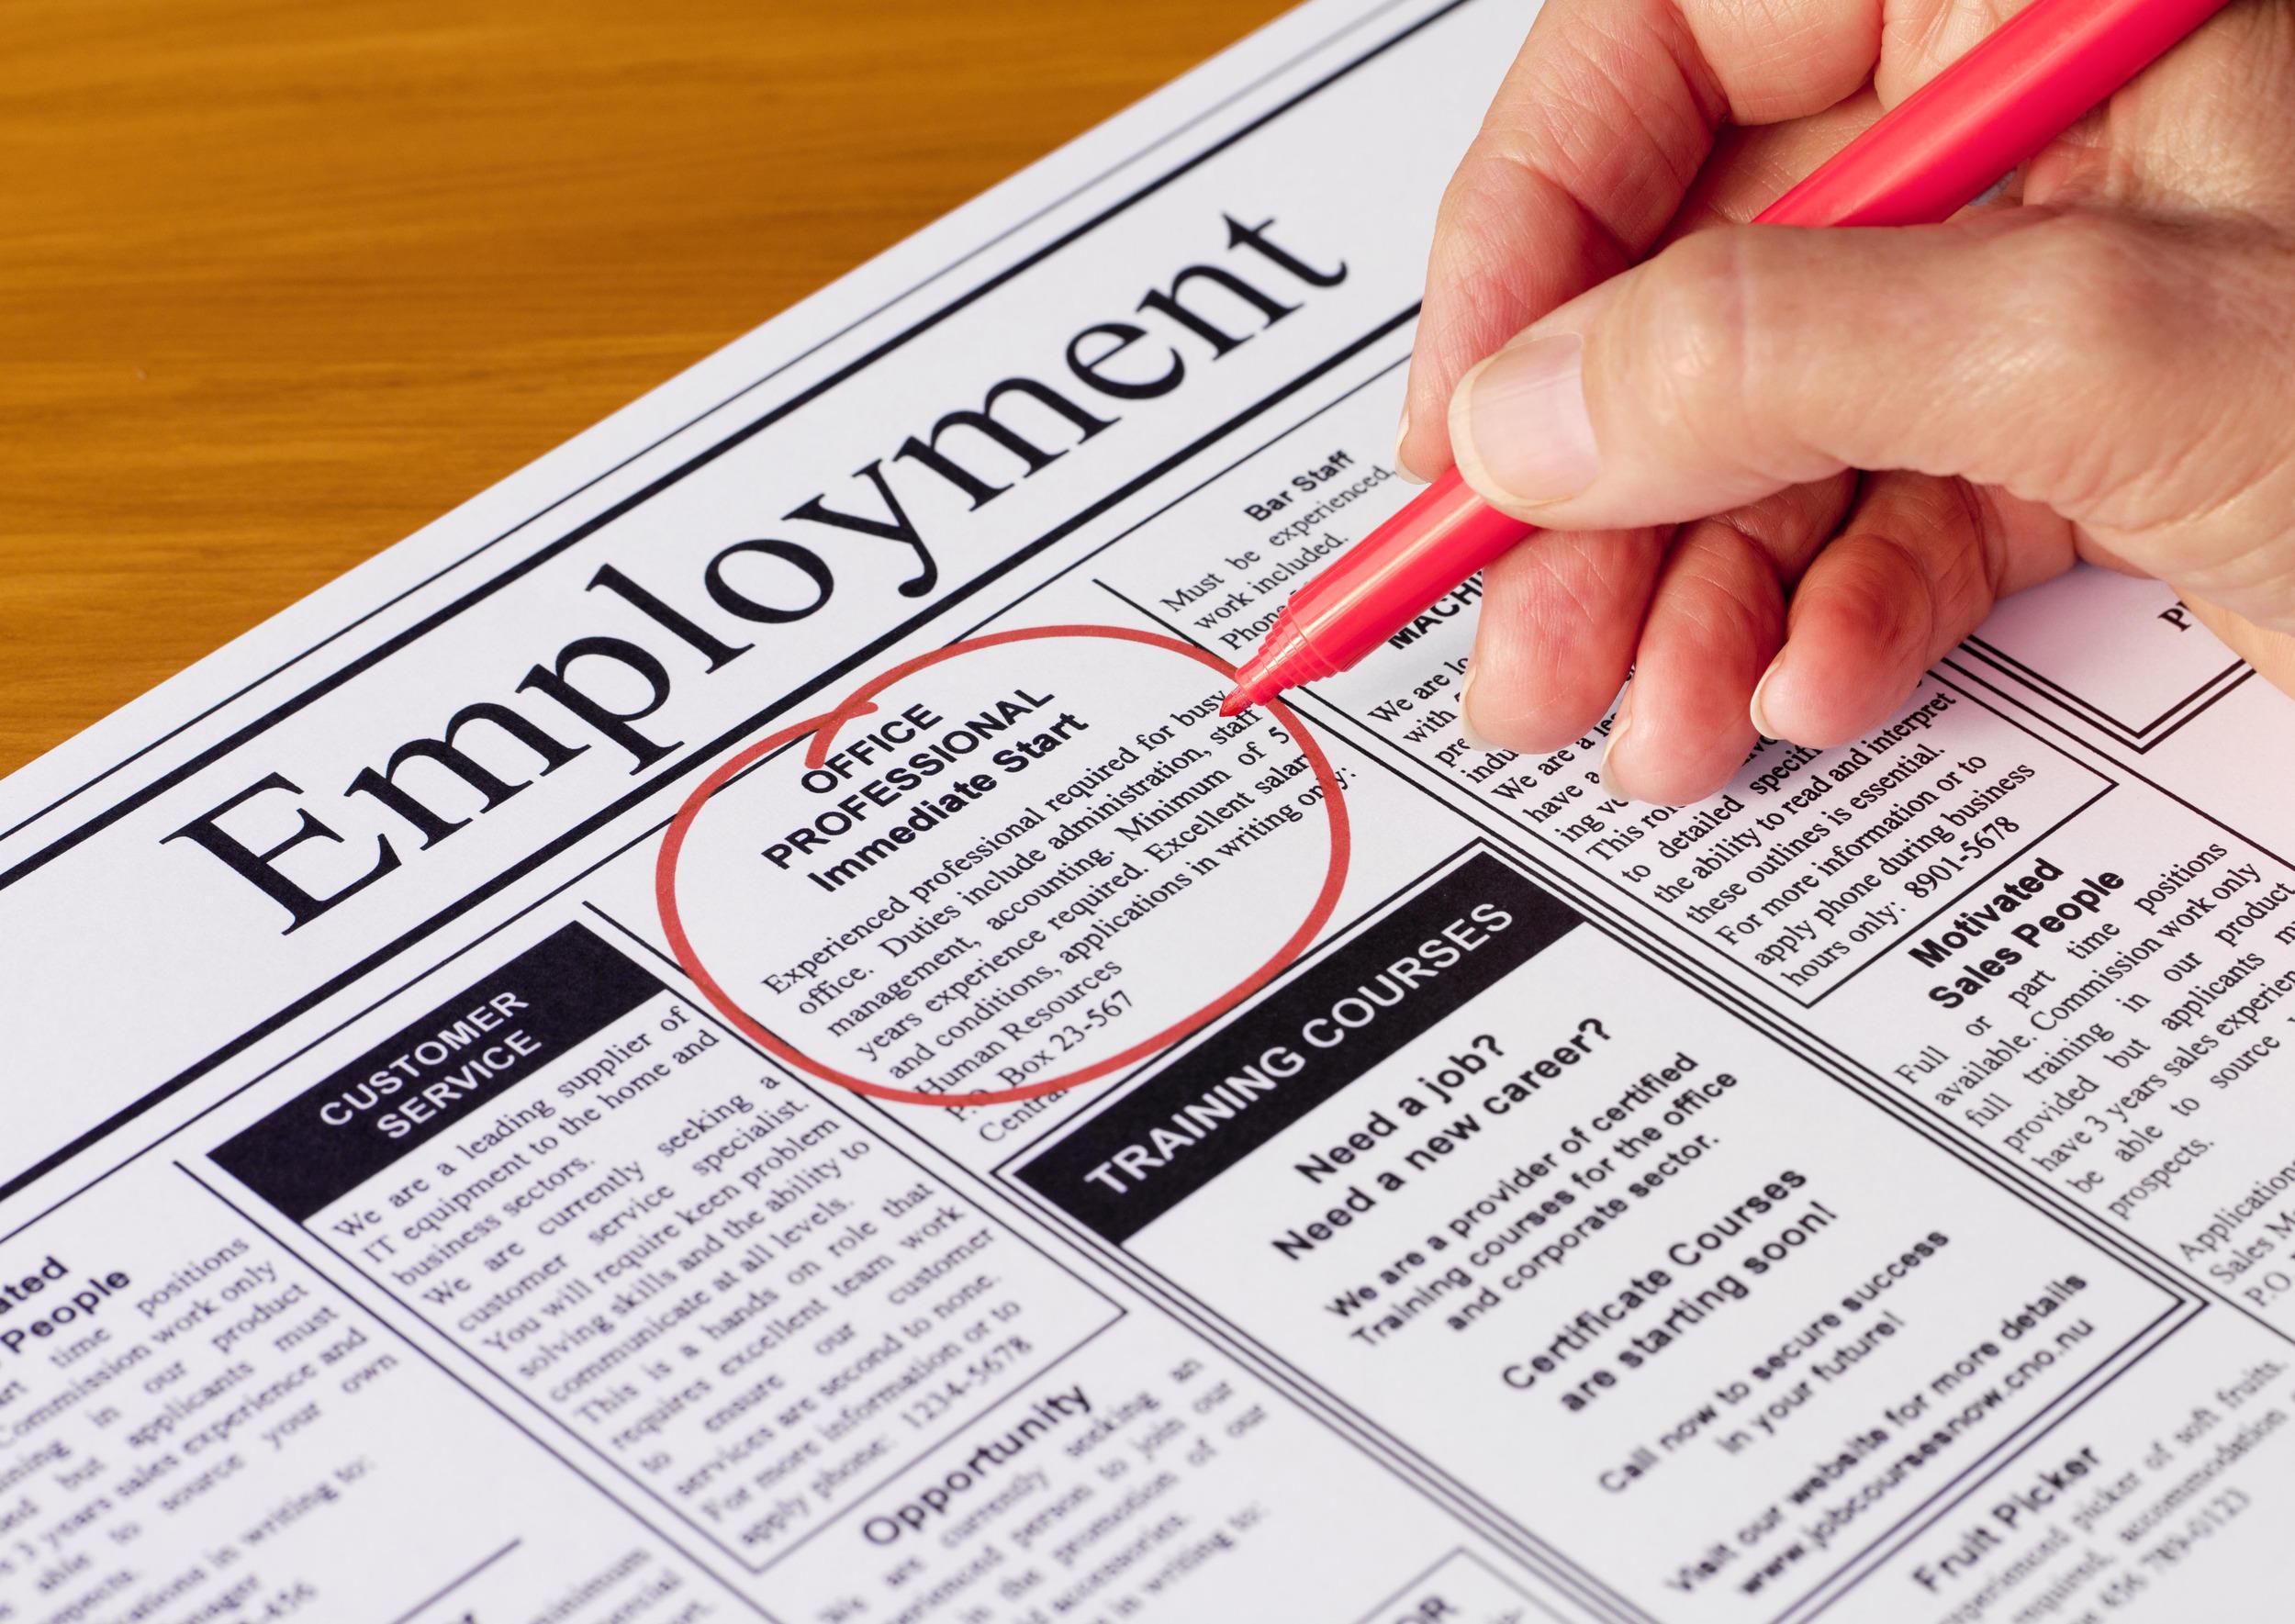 Cómo escribir una carta de presentación para un anuncio de trabajo en un periódico de solicitud de empleo